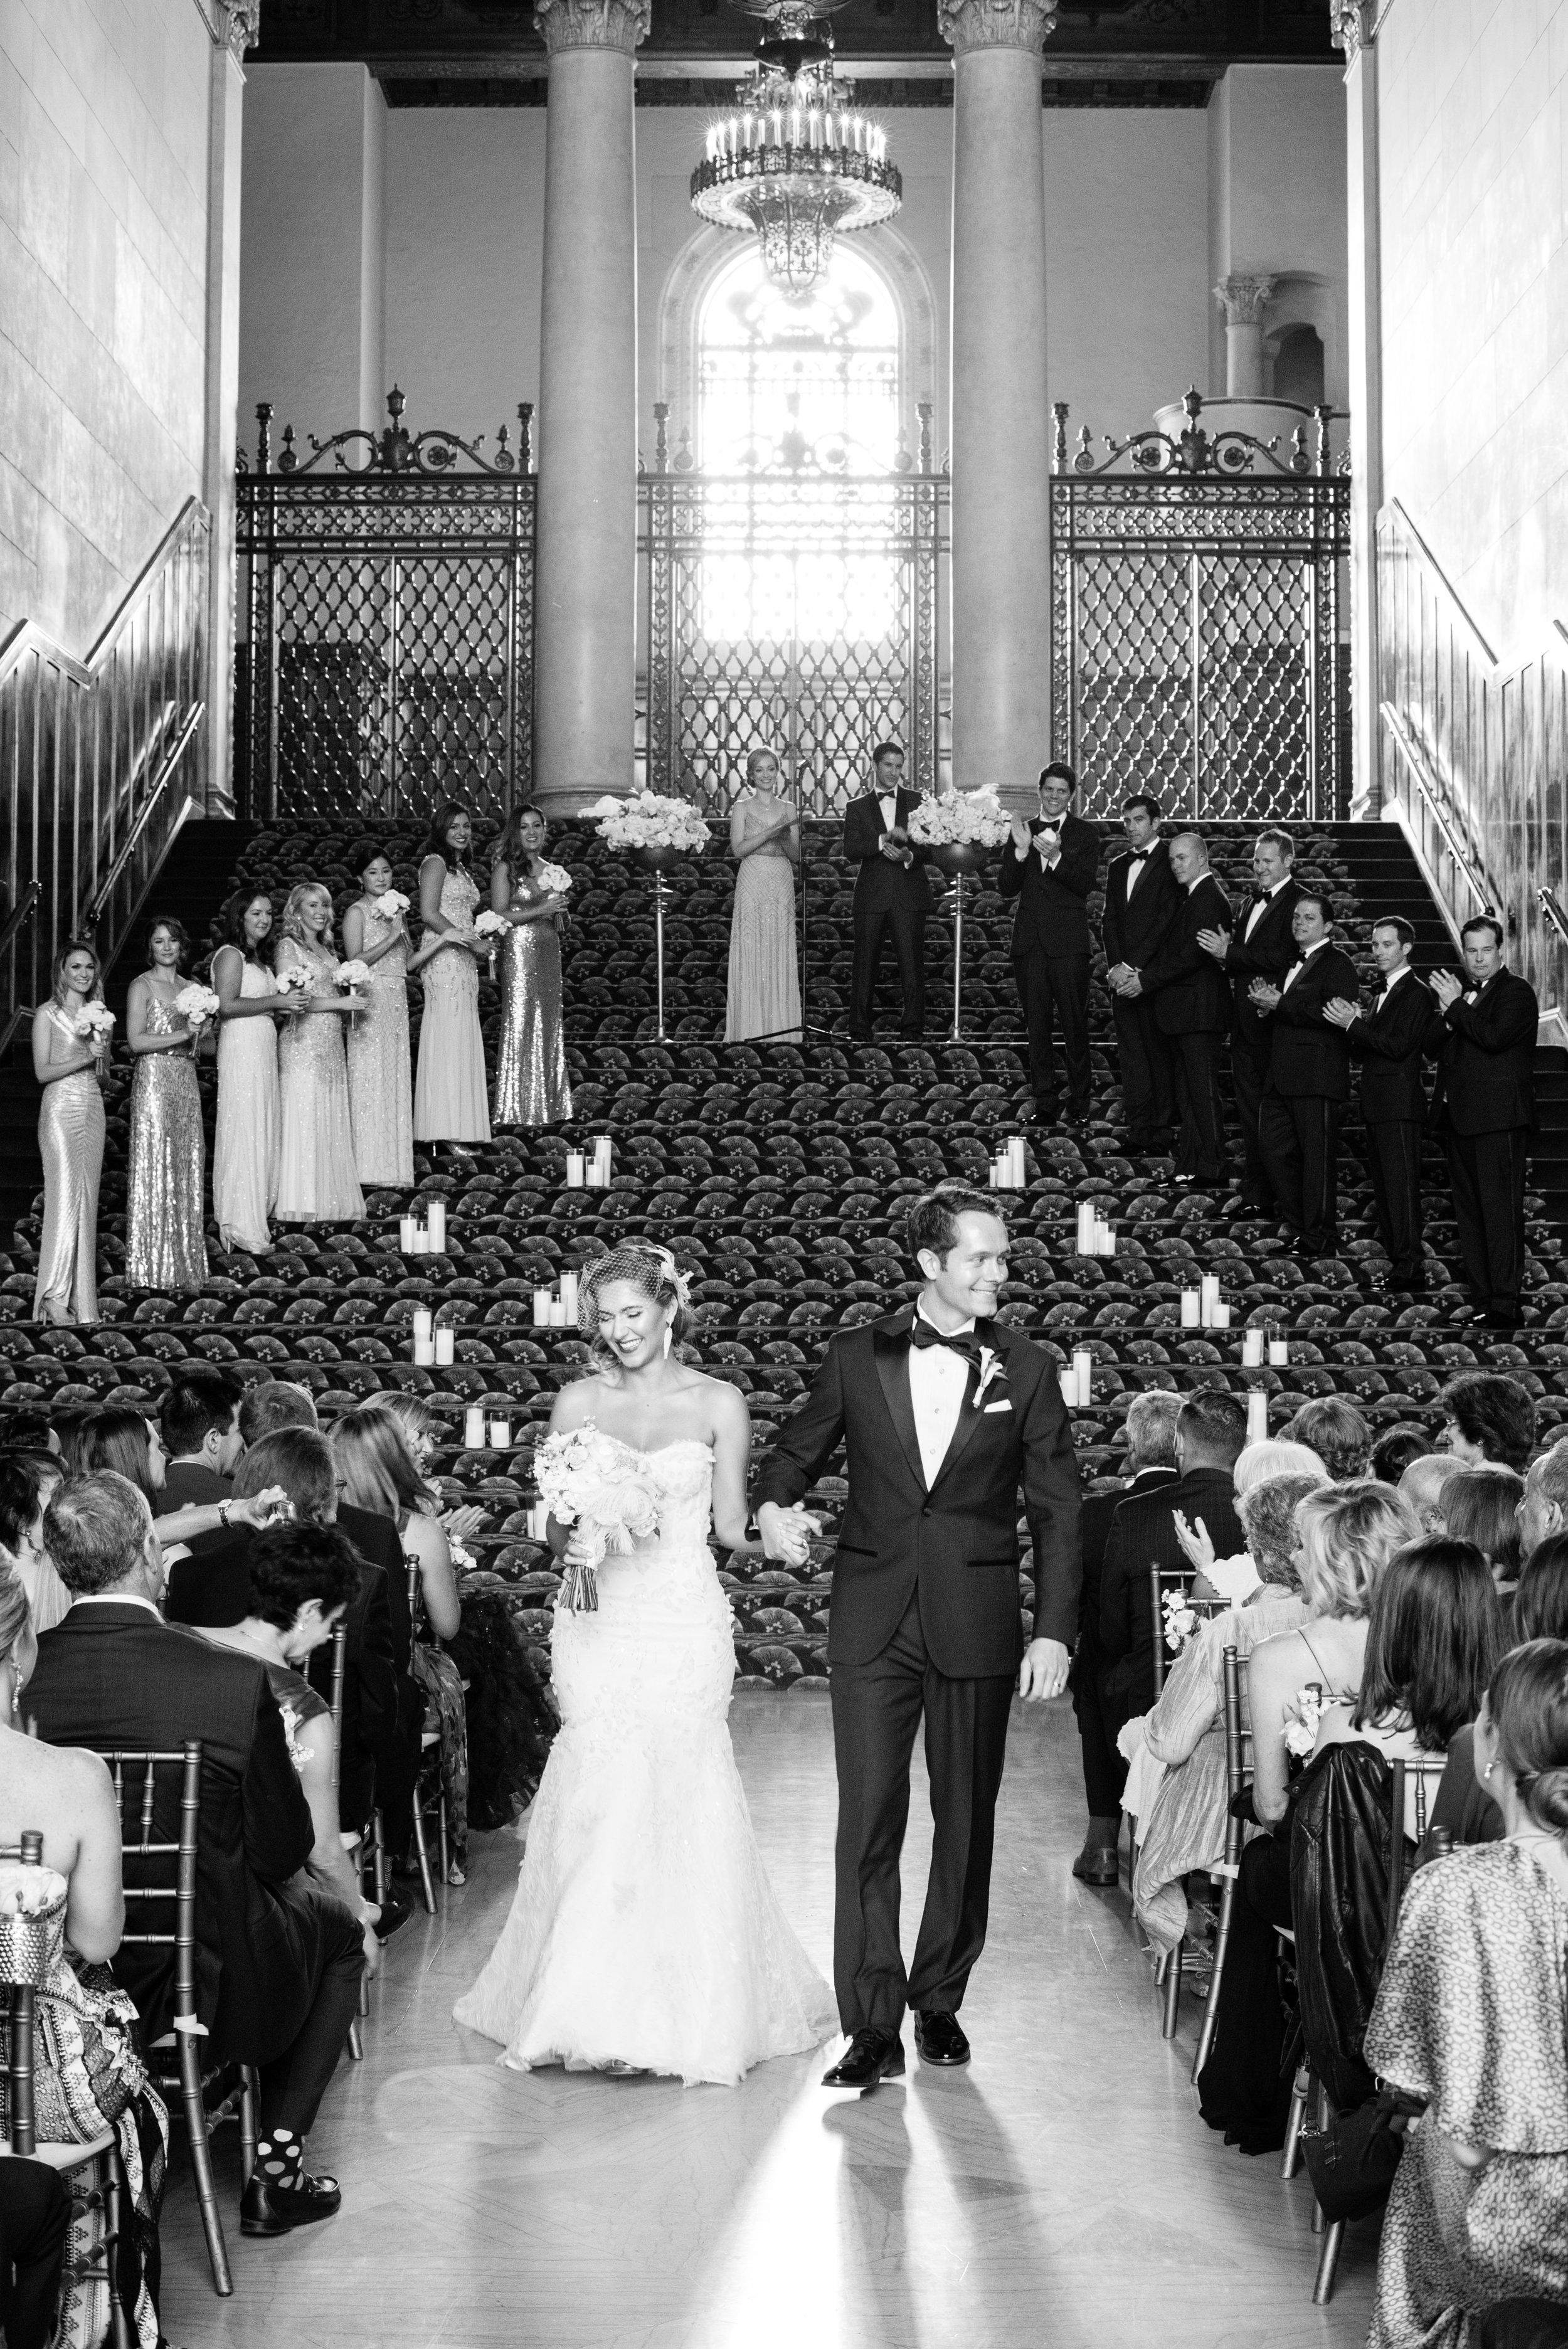 wedding_photographer_greg_ross-CER-113.jpg